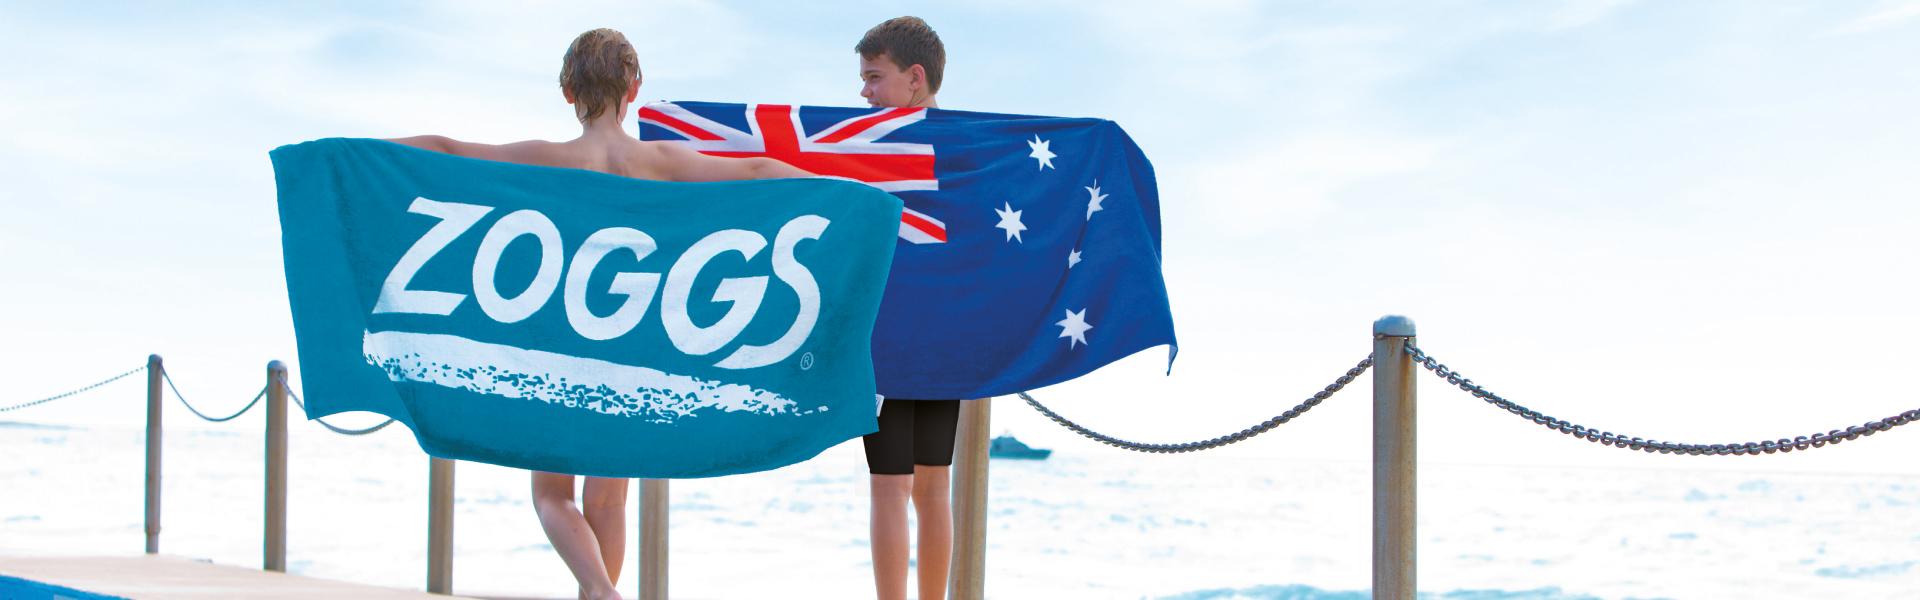 Zoggs - Official Swim Brand Partner for Swimathon 2014